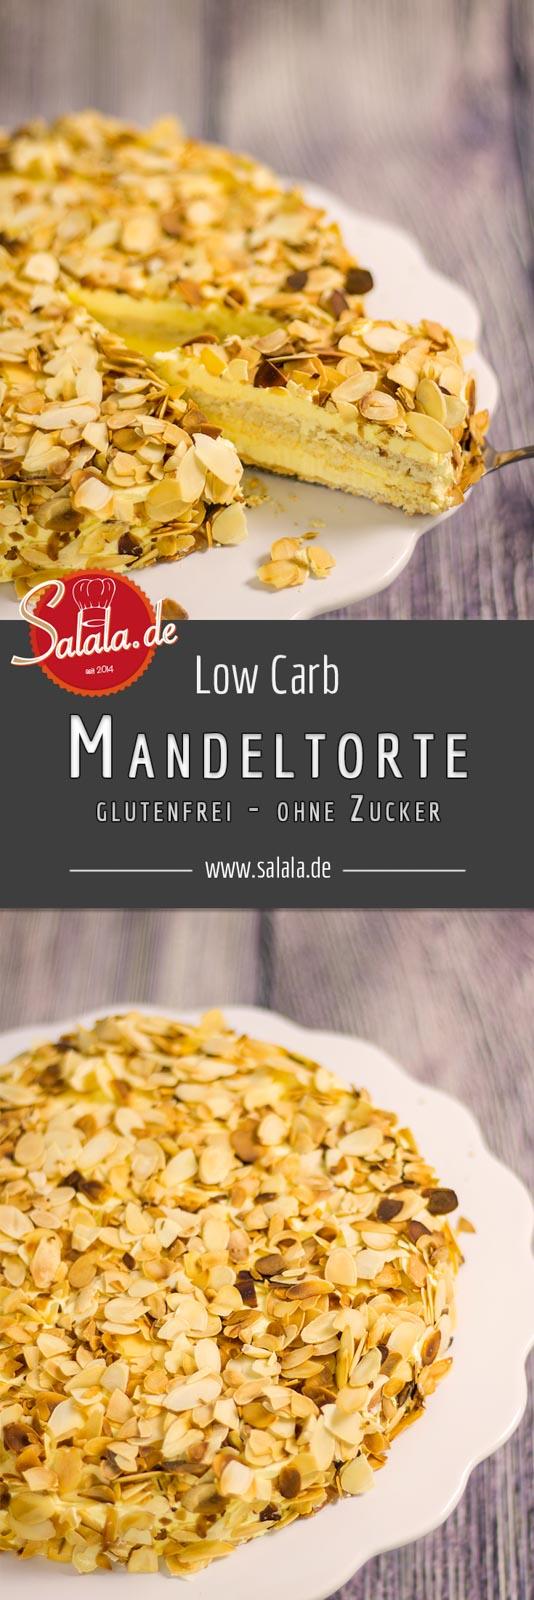 Schwedische Mandeltorte nach Sallys Tortenwelt als Low Carb Rezept ohne Zucker und glutenfrei salala.de